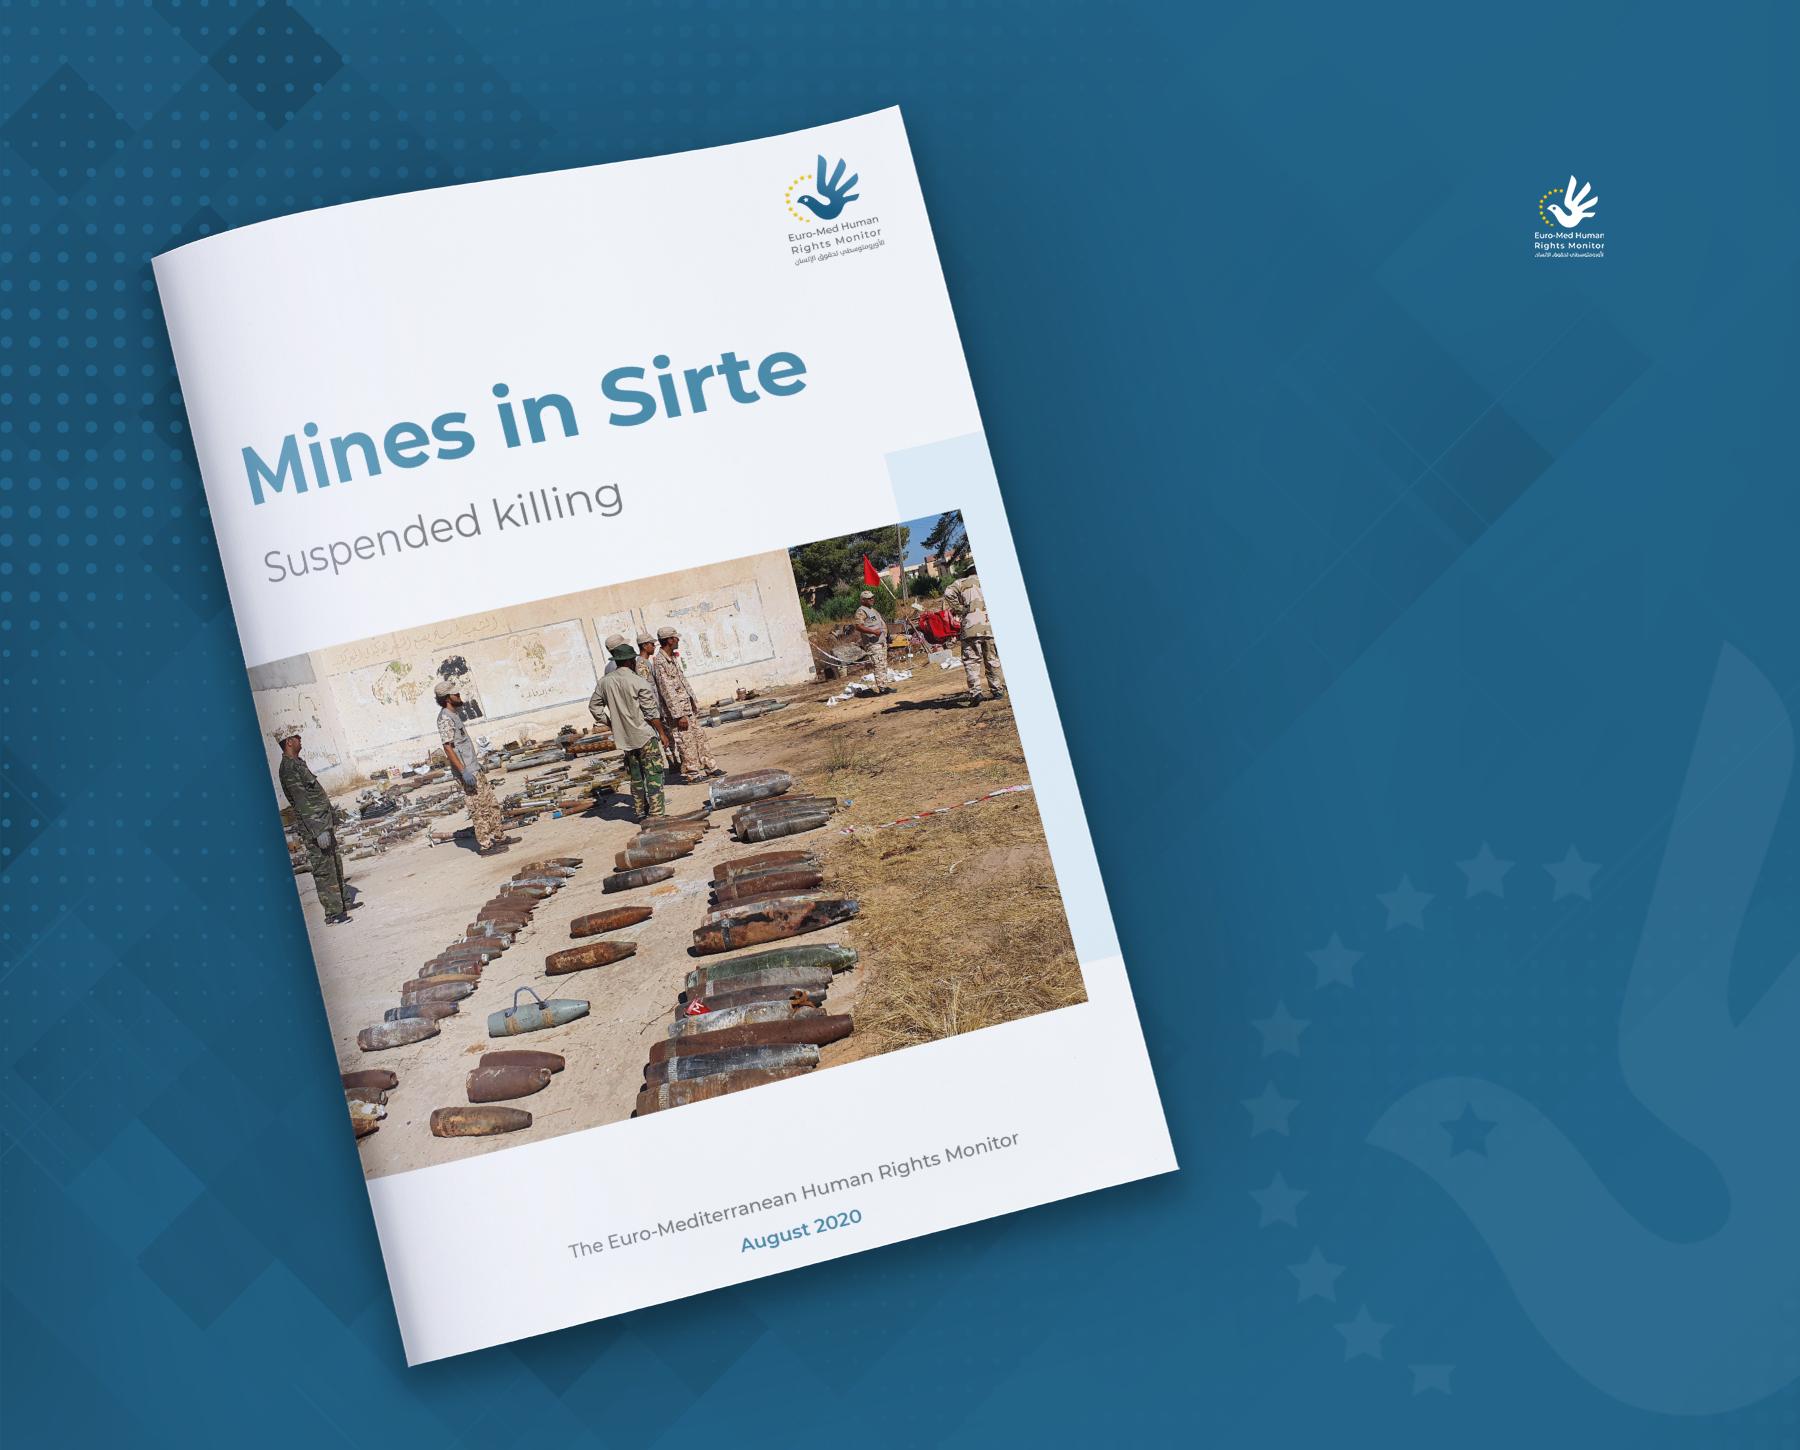 Sirte's mines: Suspended killing